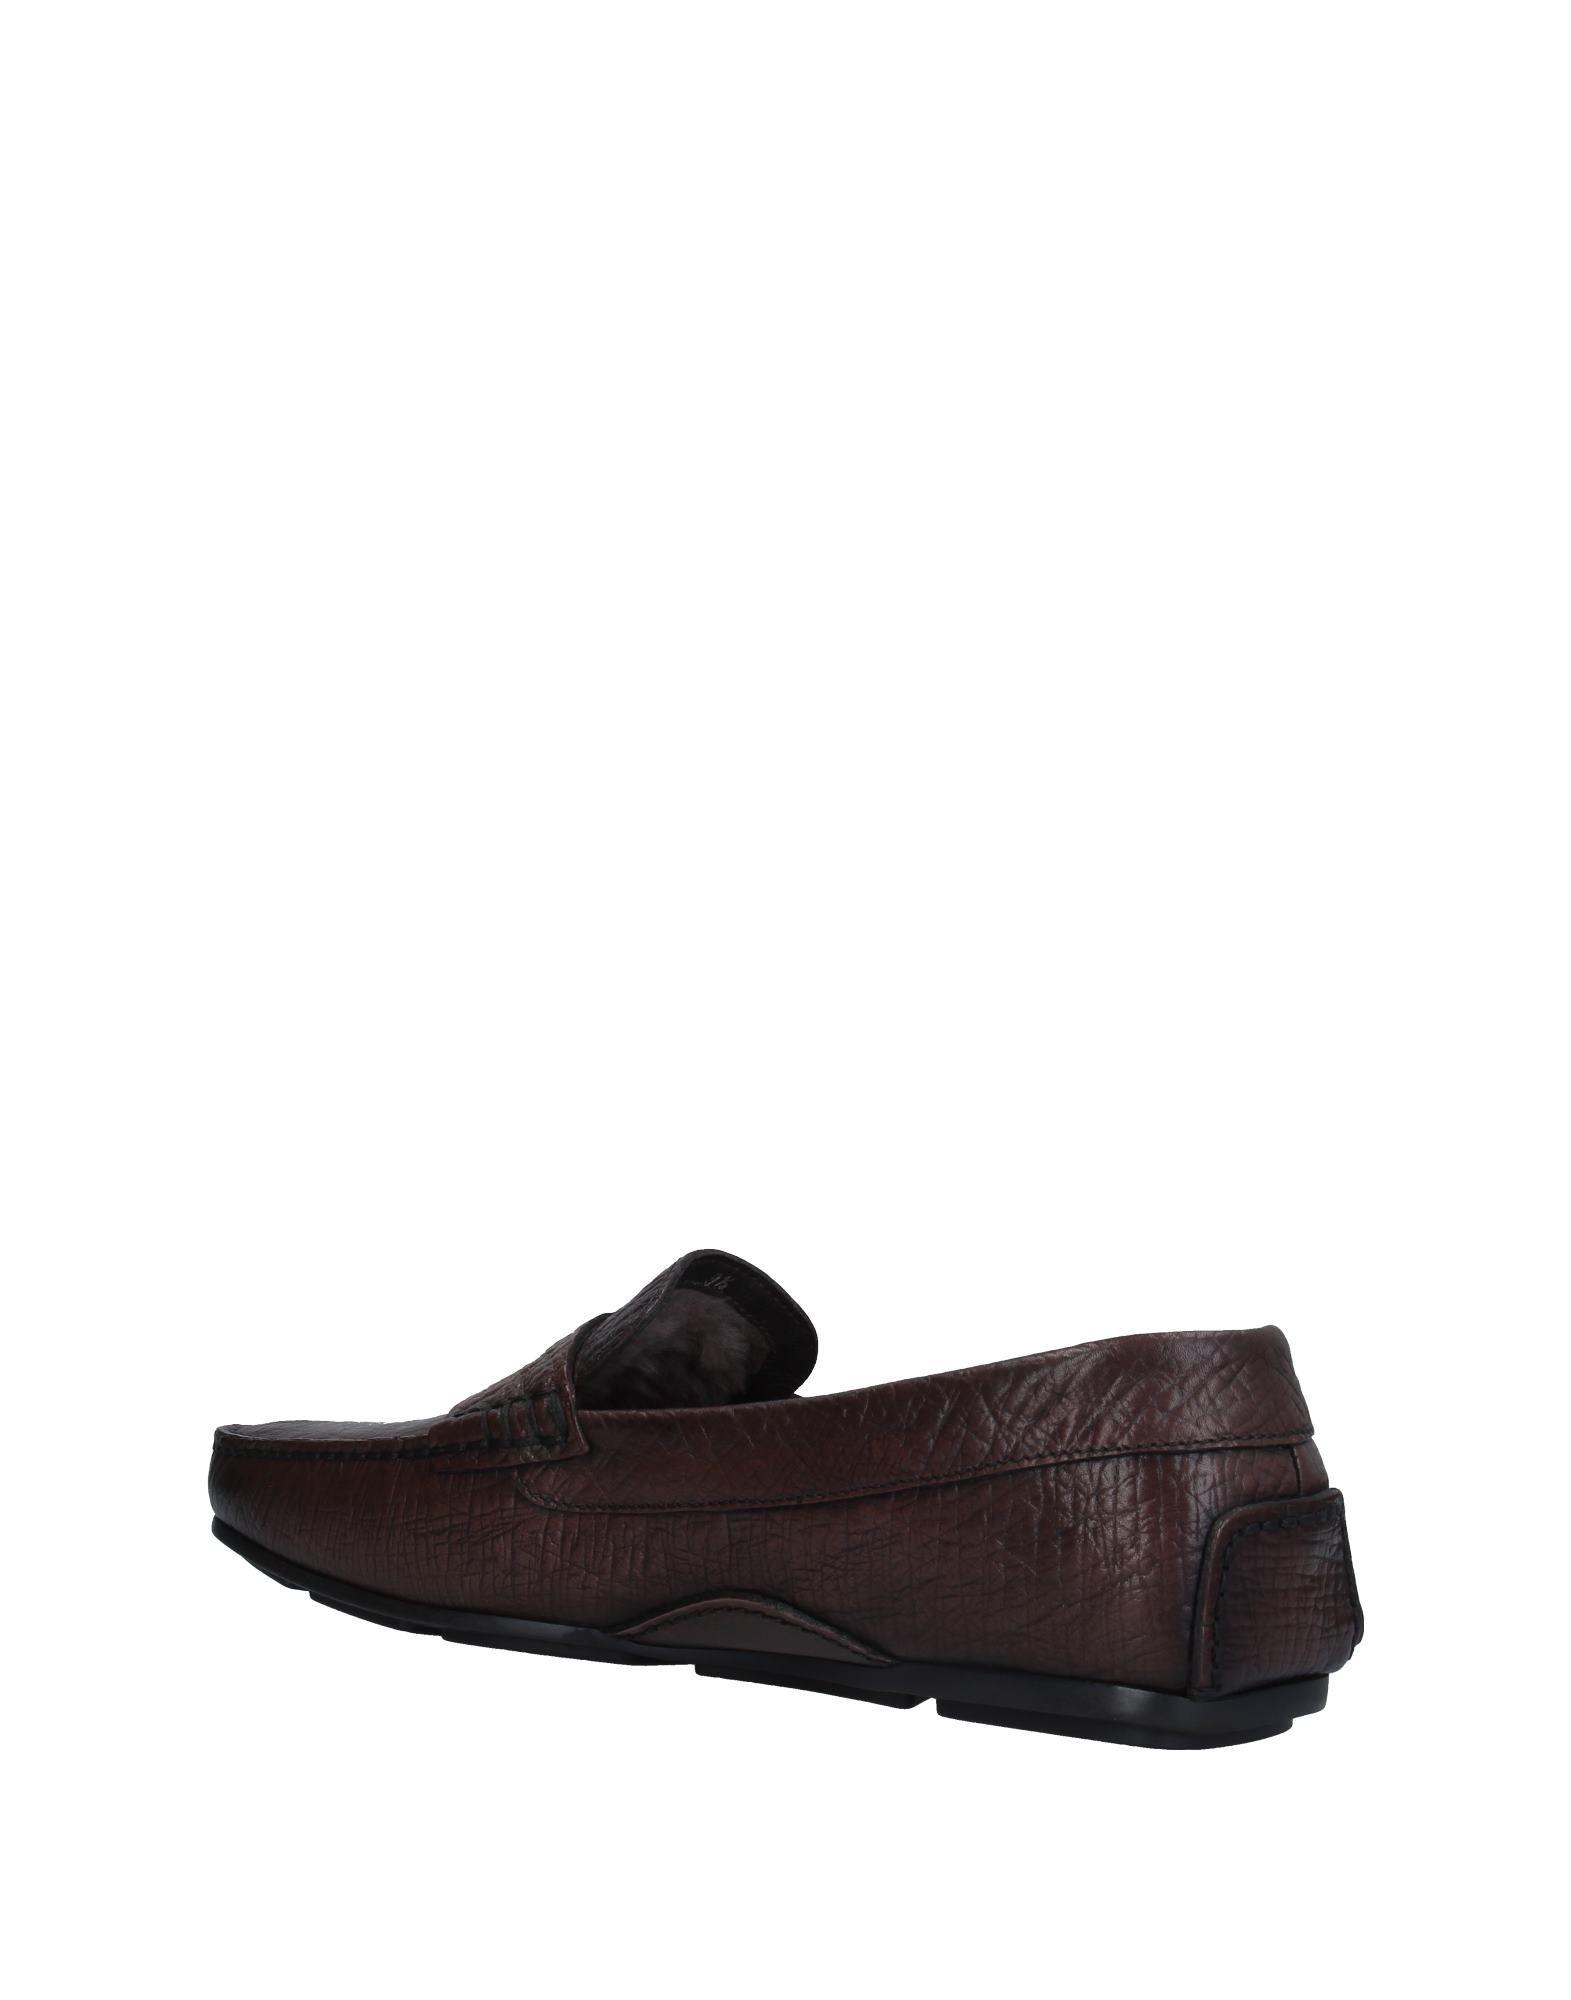 Santoni Mokassins Herren Schuhe  11329983HC Heiße Schuhe Herren ac436c